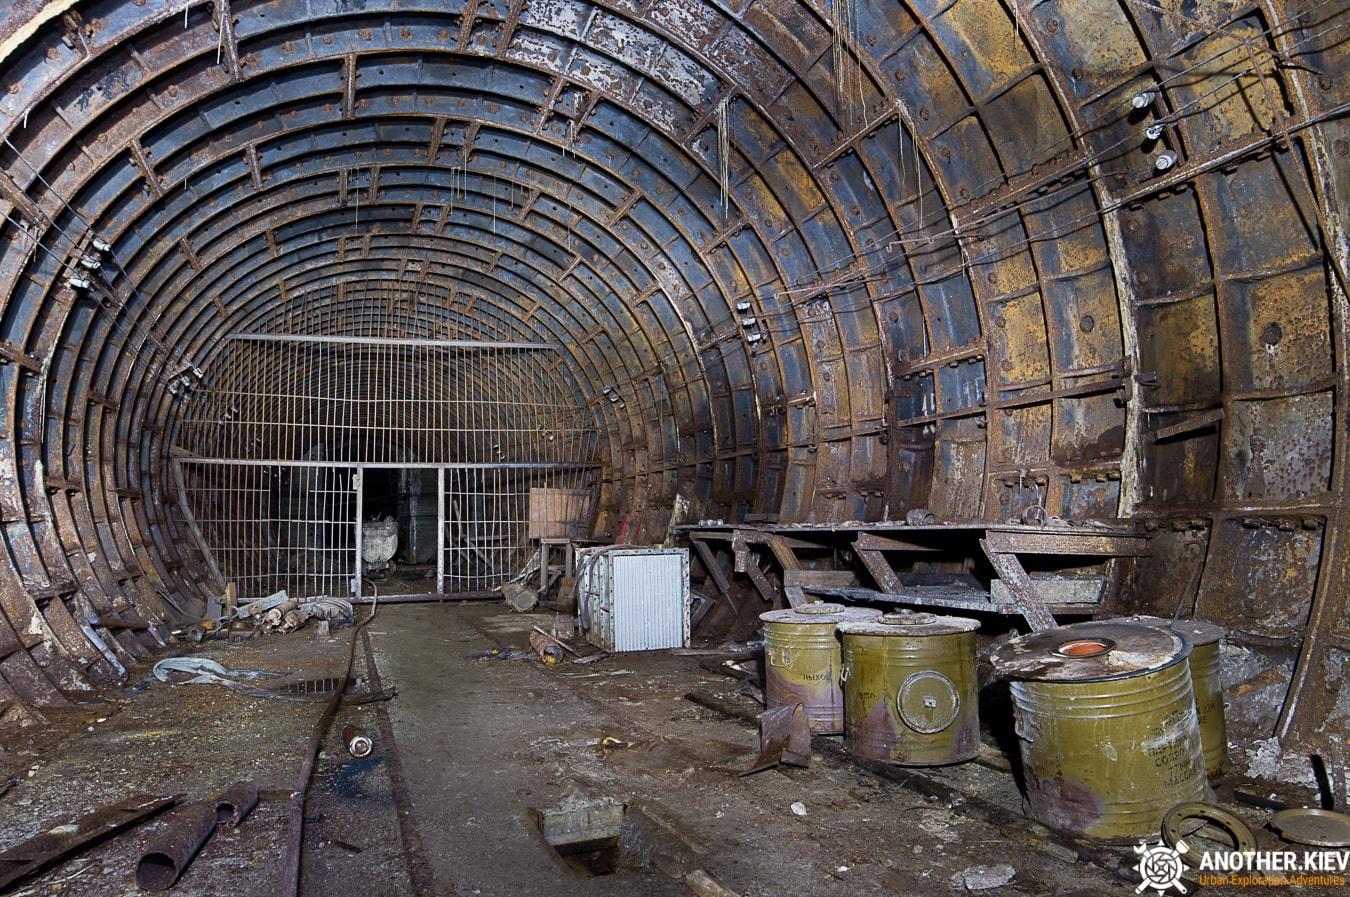 unfinished-abandoned-diesel-power-station-bunker-6880-min Недостроенная и заброшенная дизельная электростанция в киевском метро